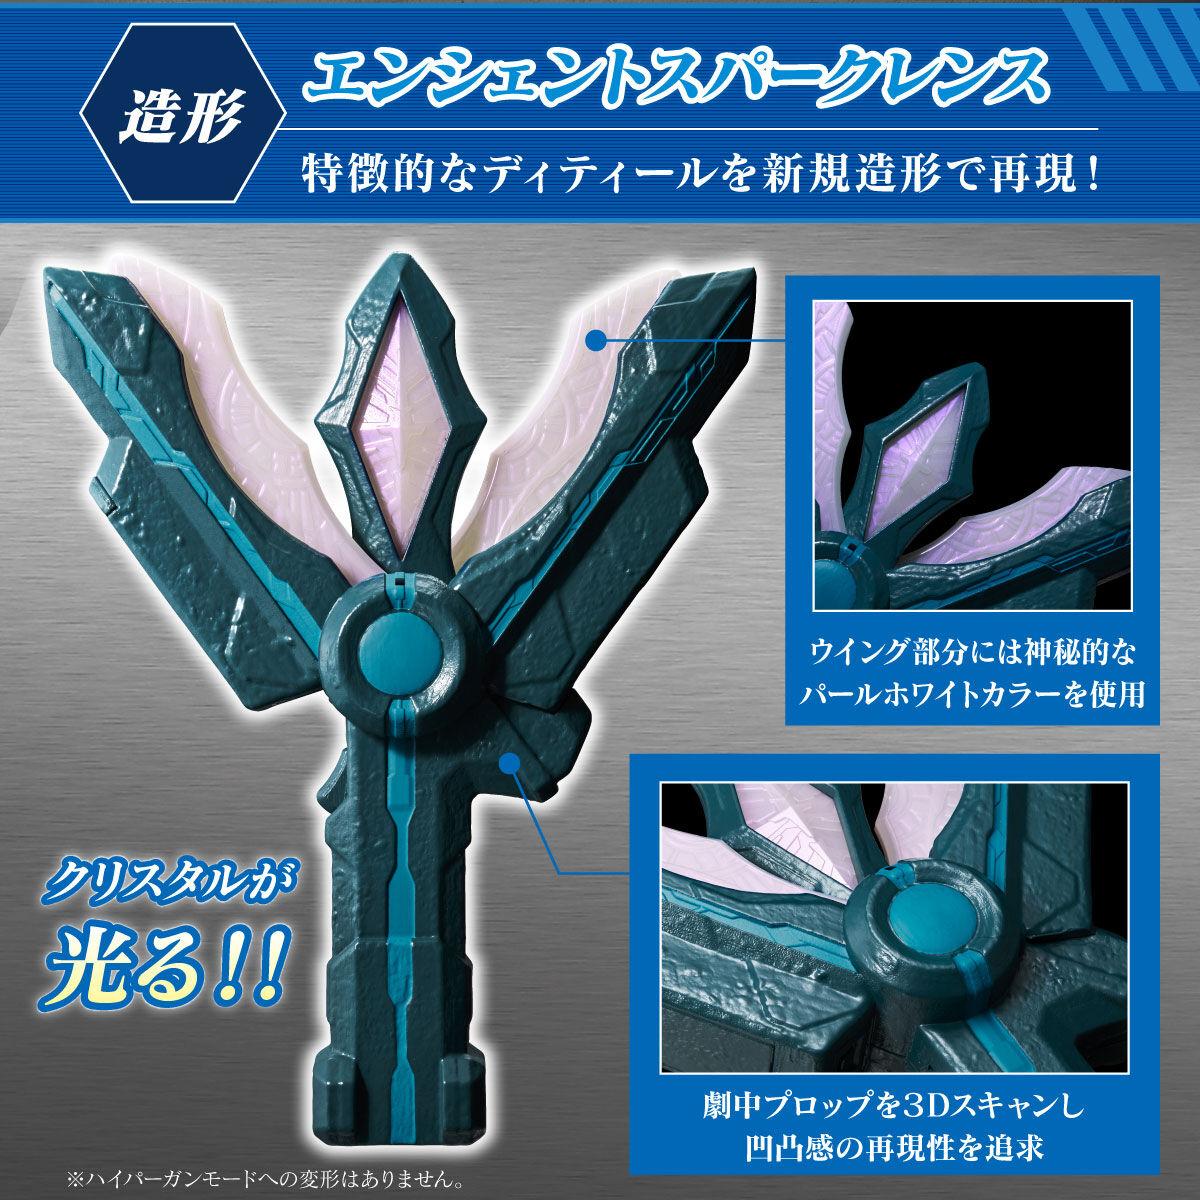 【限定販売】ウルトラマントリガー『DXエンシェントスパークレンス』変身なりきり-003